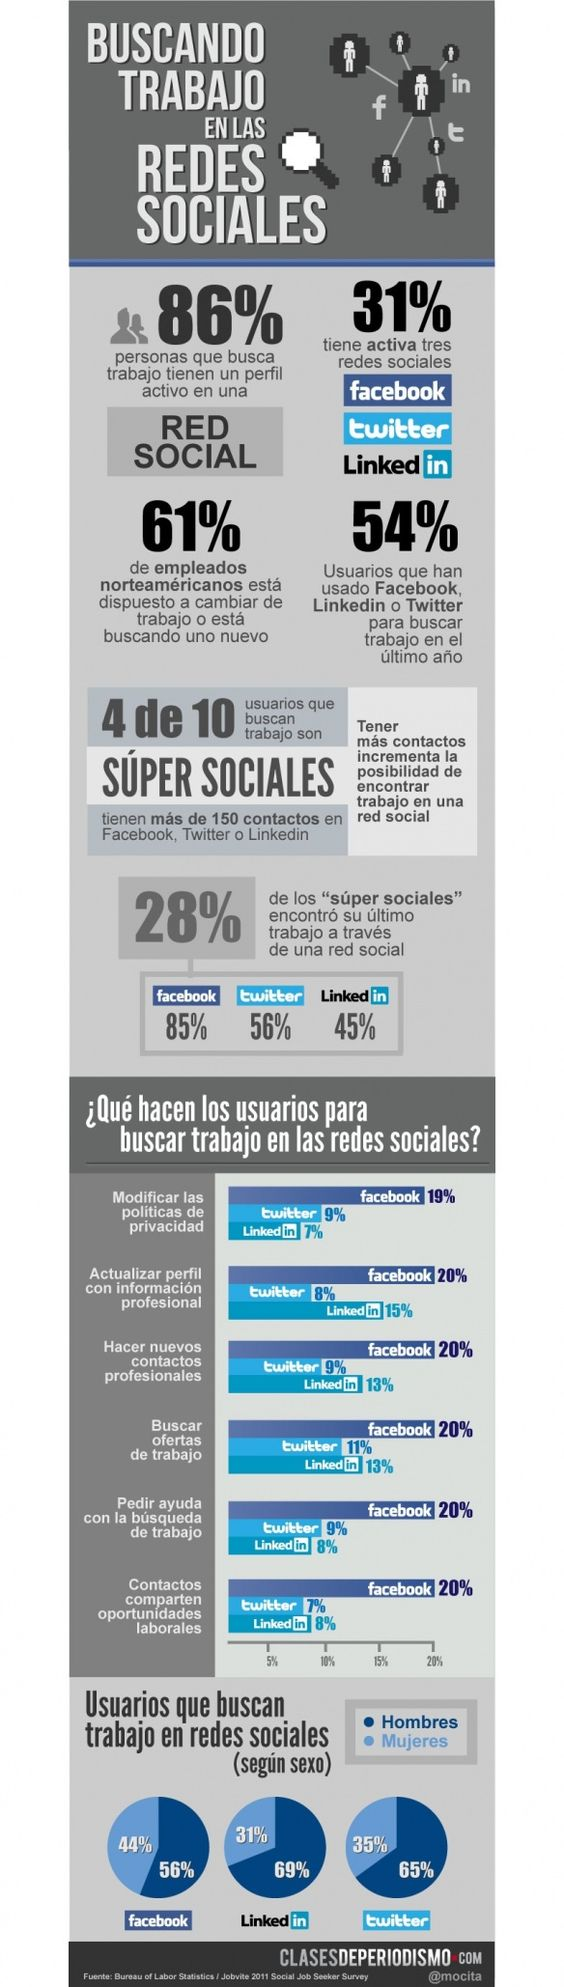 Cómo usar las redes sociales para encontrar trabajo [Infografía]